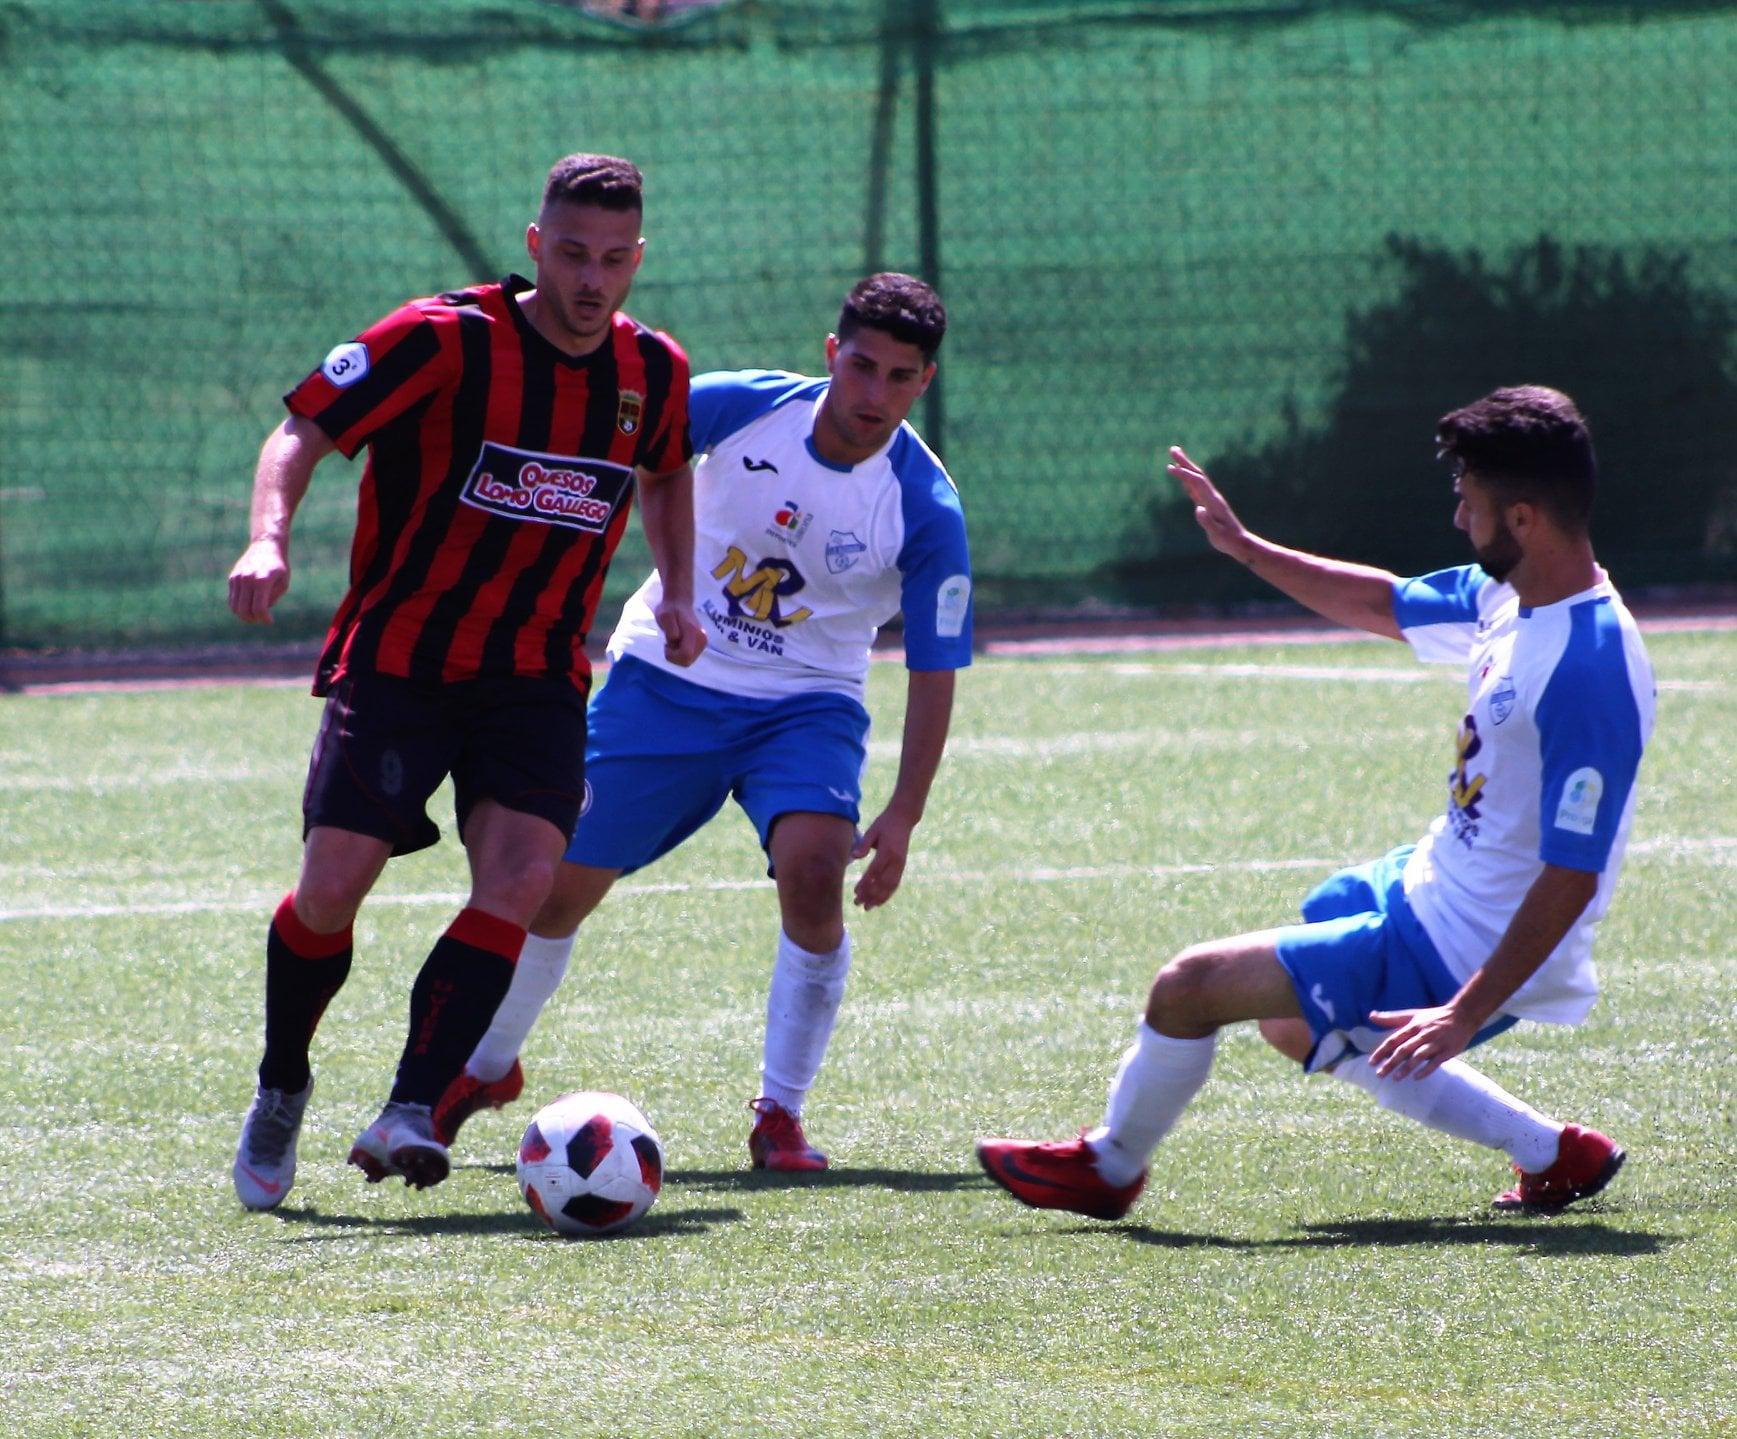 Tercera | El Viera inicia 2020 con un empate ante el Buzanada (0-0)